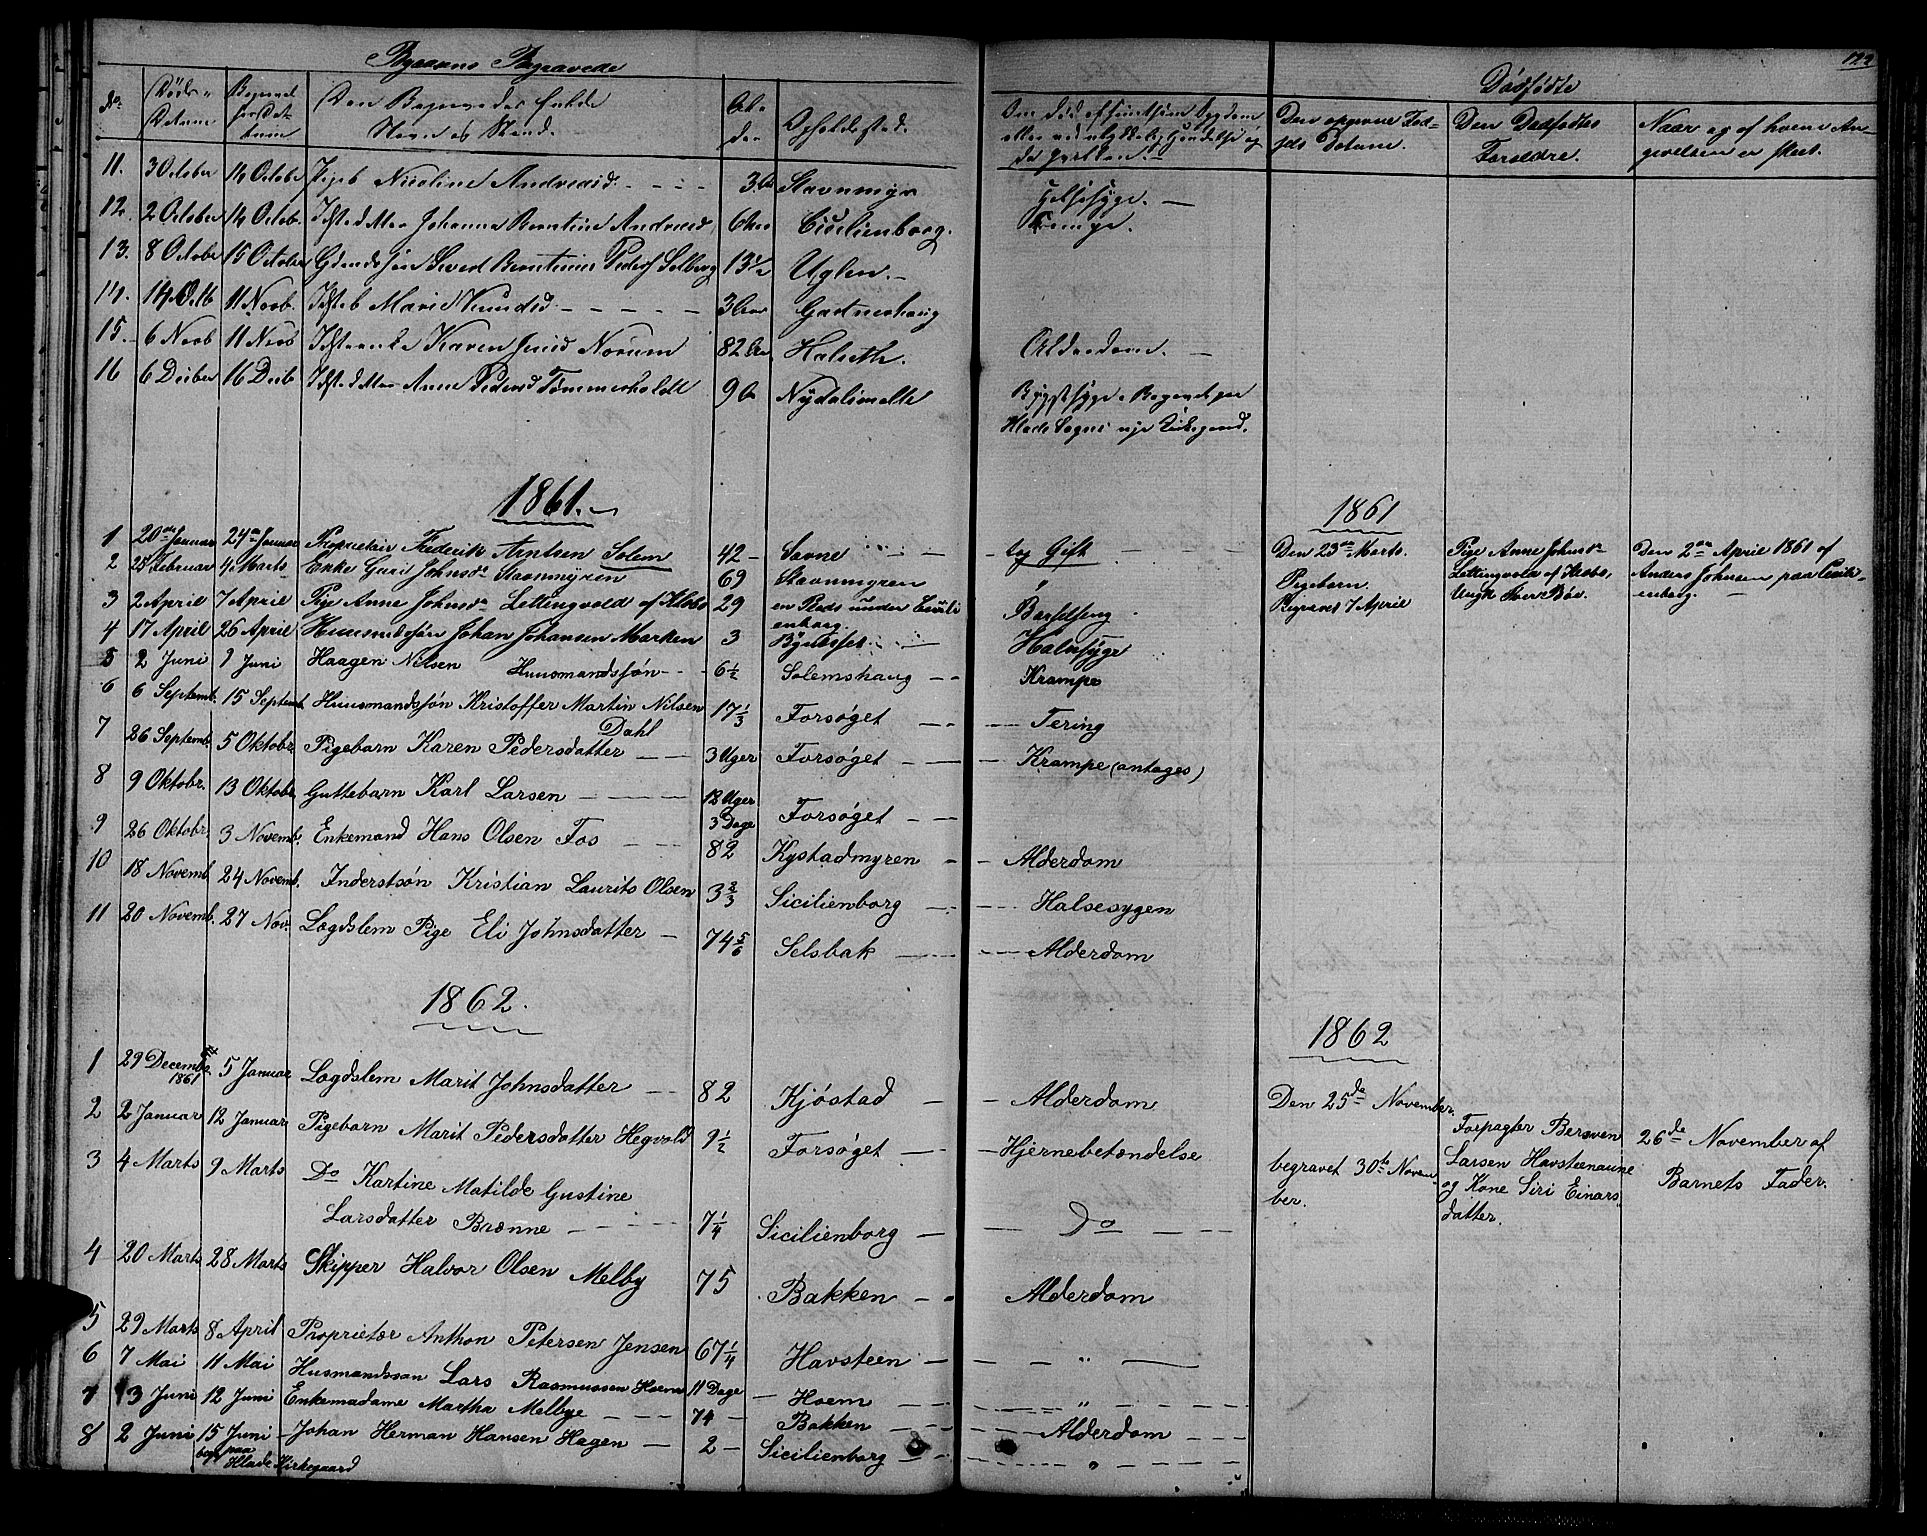 SAT, Ministerialprotokoller, klokkerbøker og fødselsregistre - Sør-Trøndelag, 611/L0353: Klokkerbok nr. 611C01, 1854-1881, s. 122